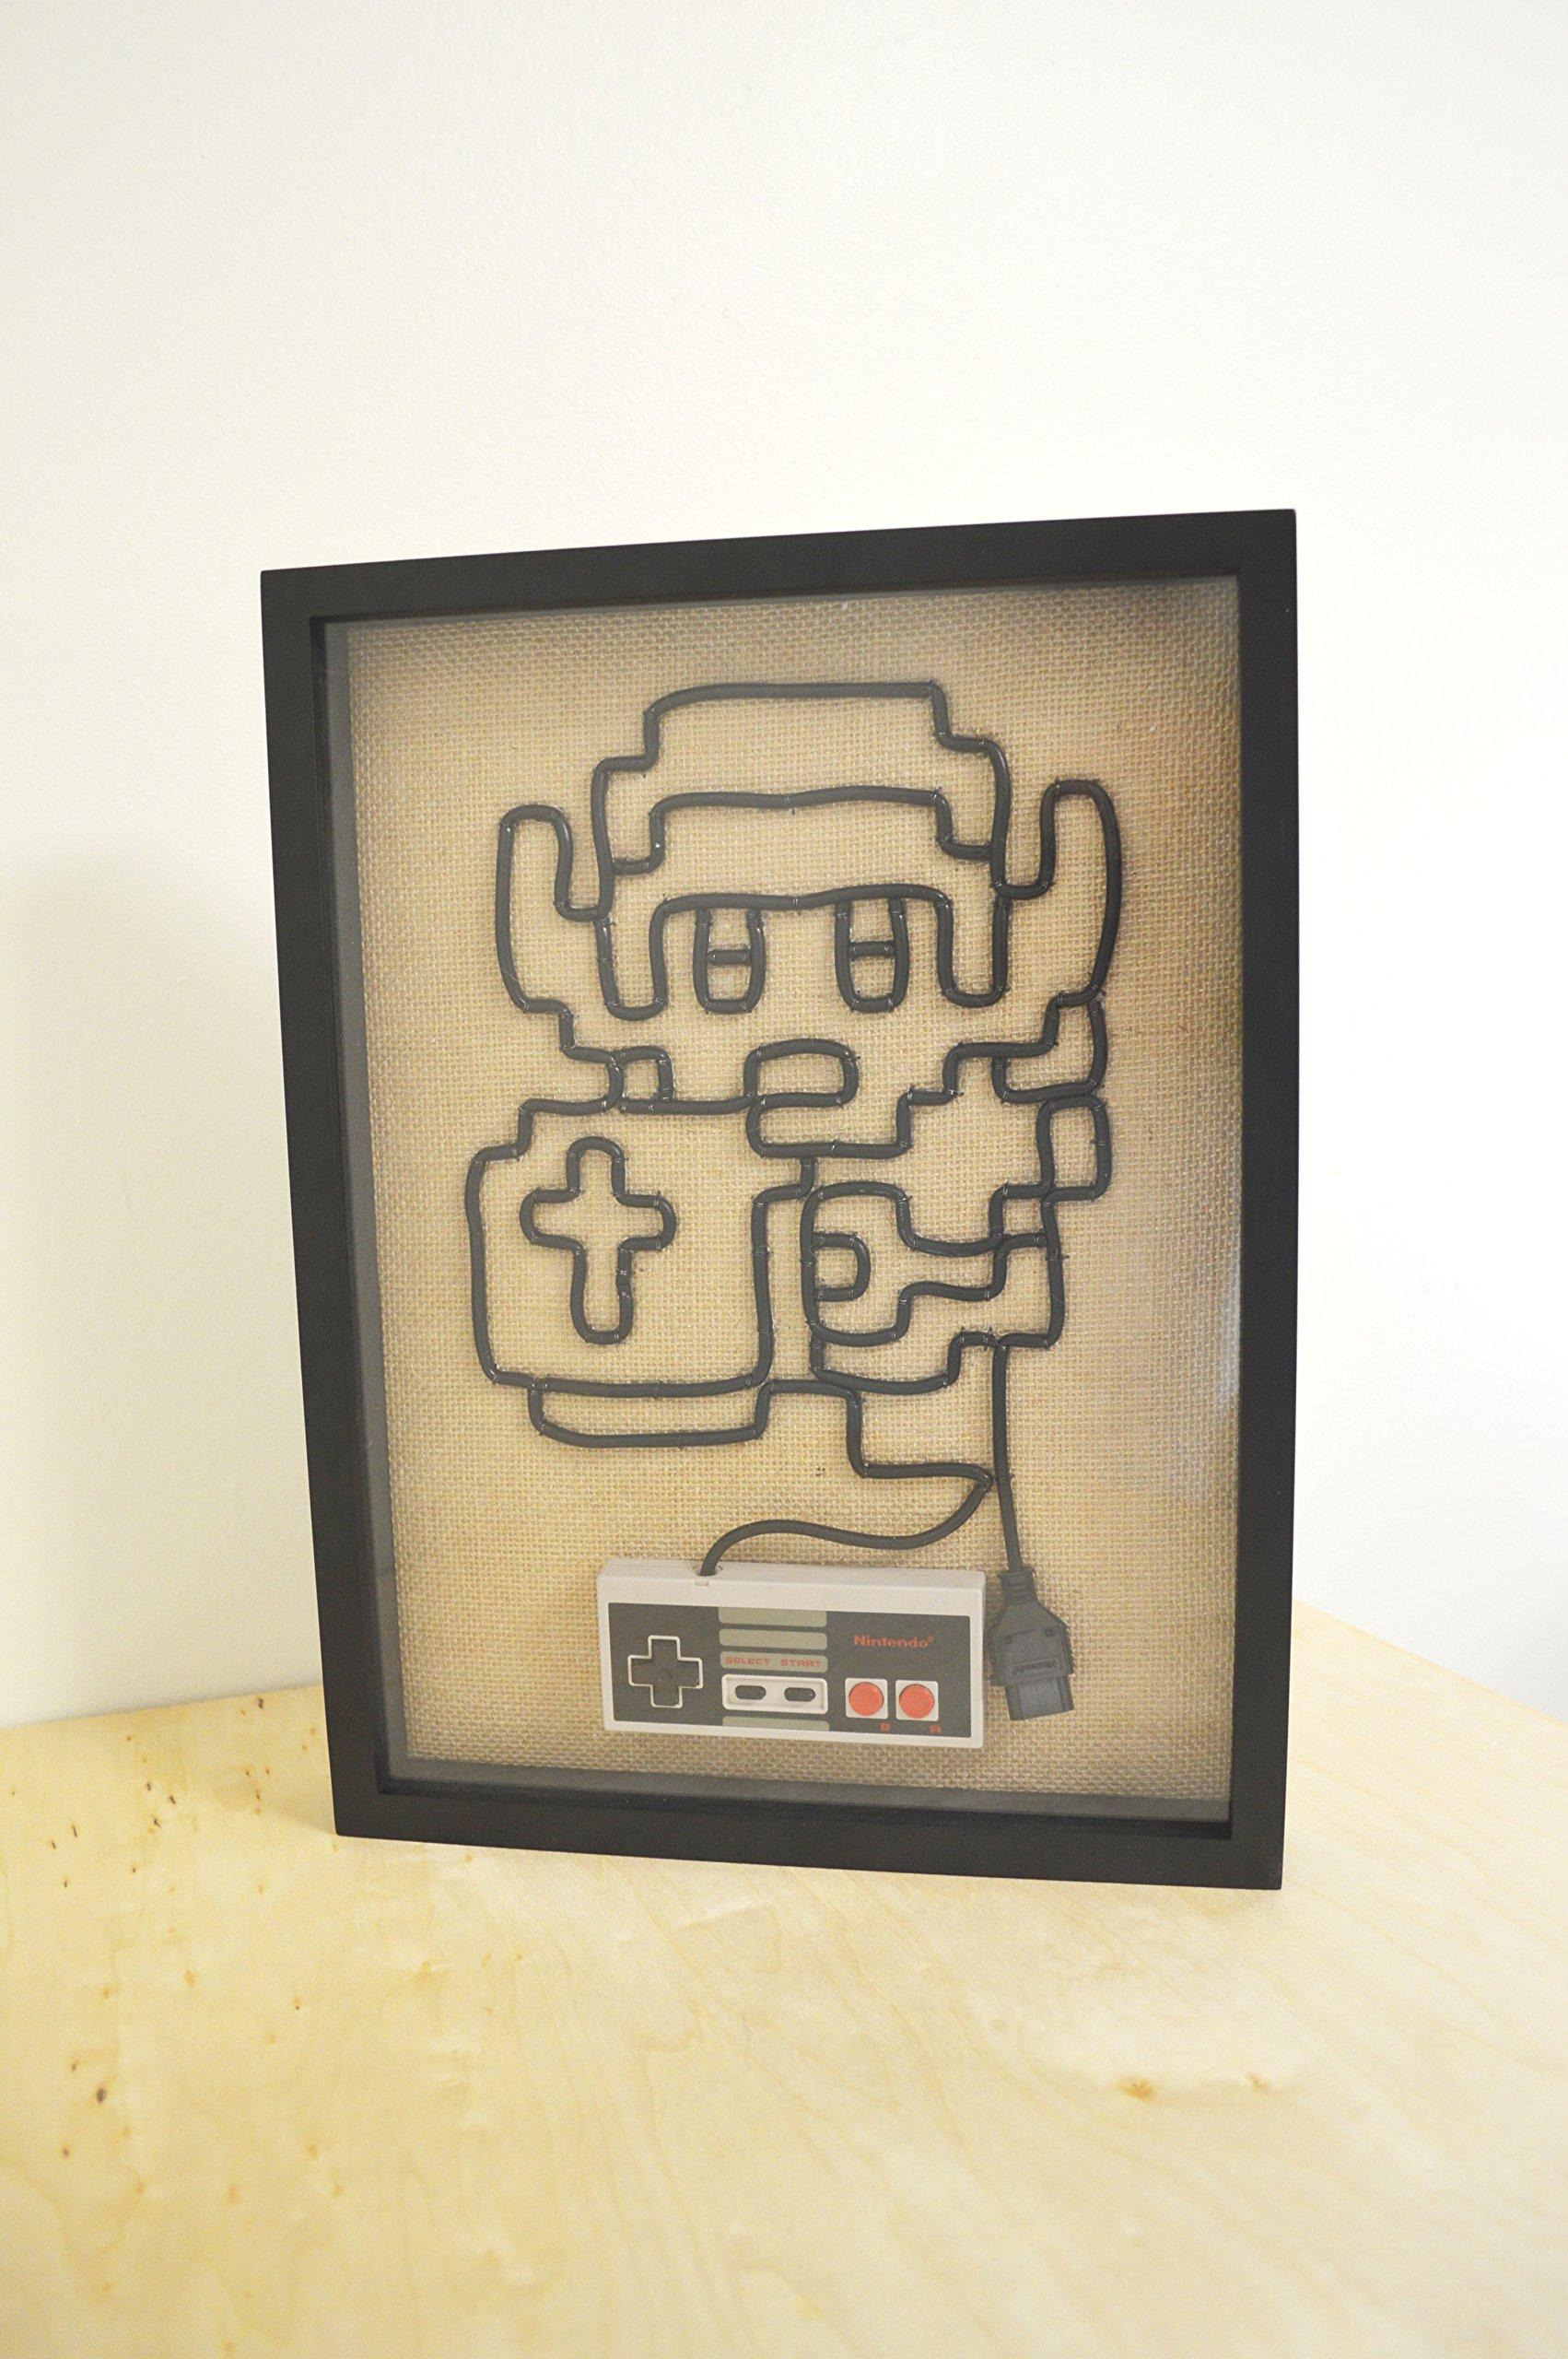 Legend of Zelda Link - Nintendo NES Controller Wire Wall Art Shadow Box